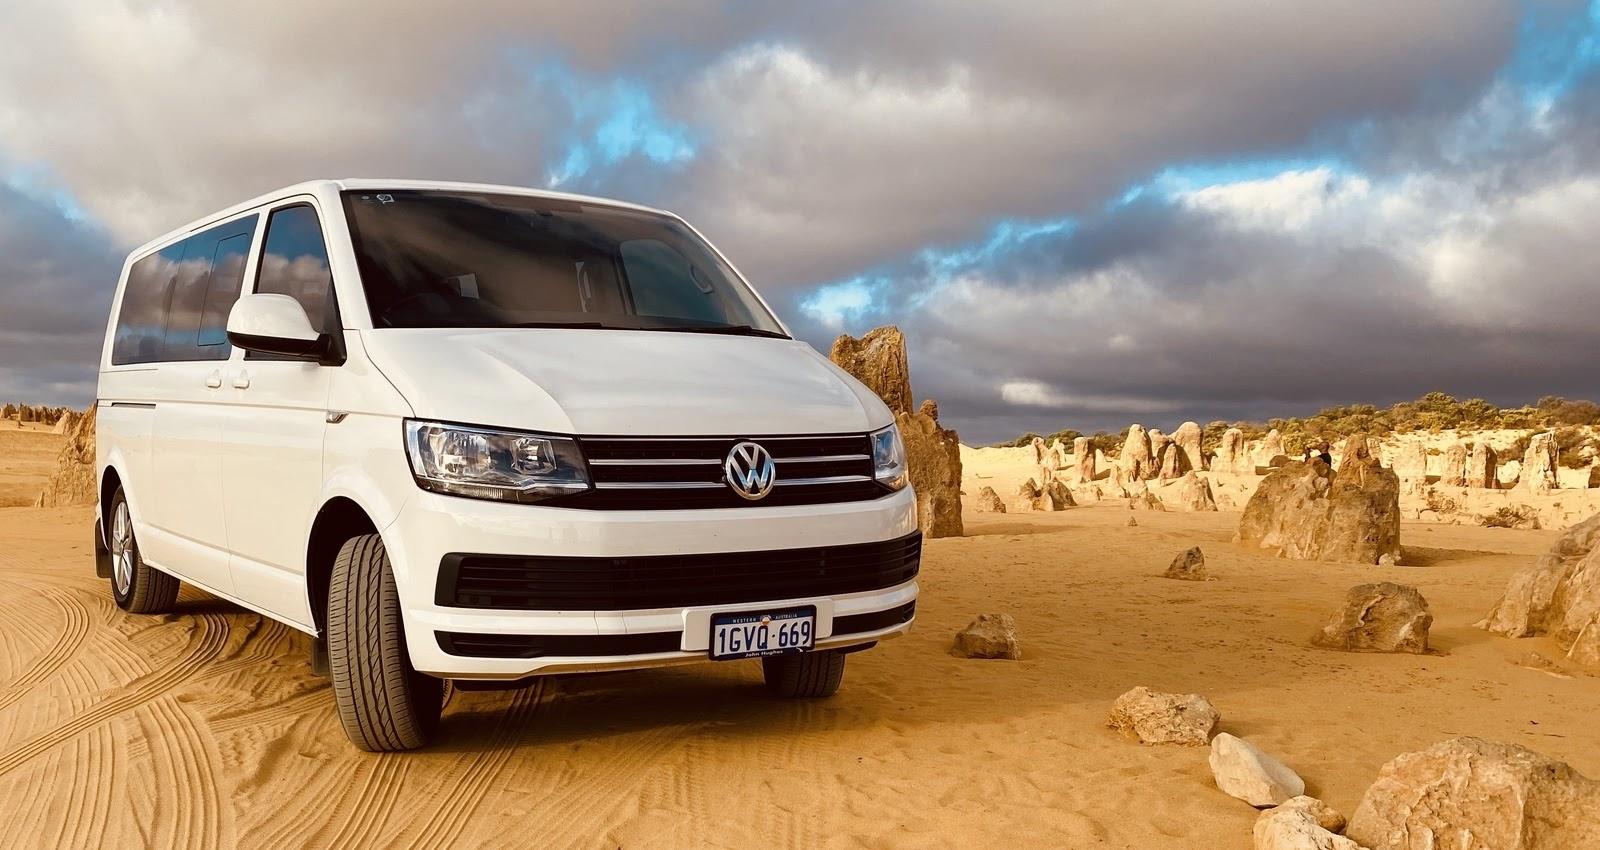 VW van in Australian landscape